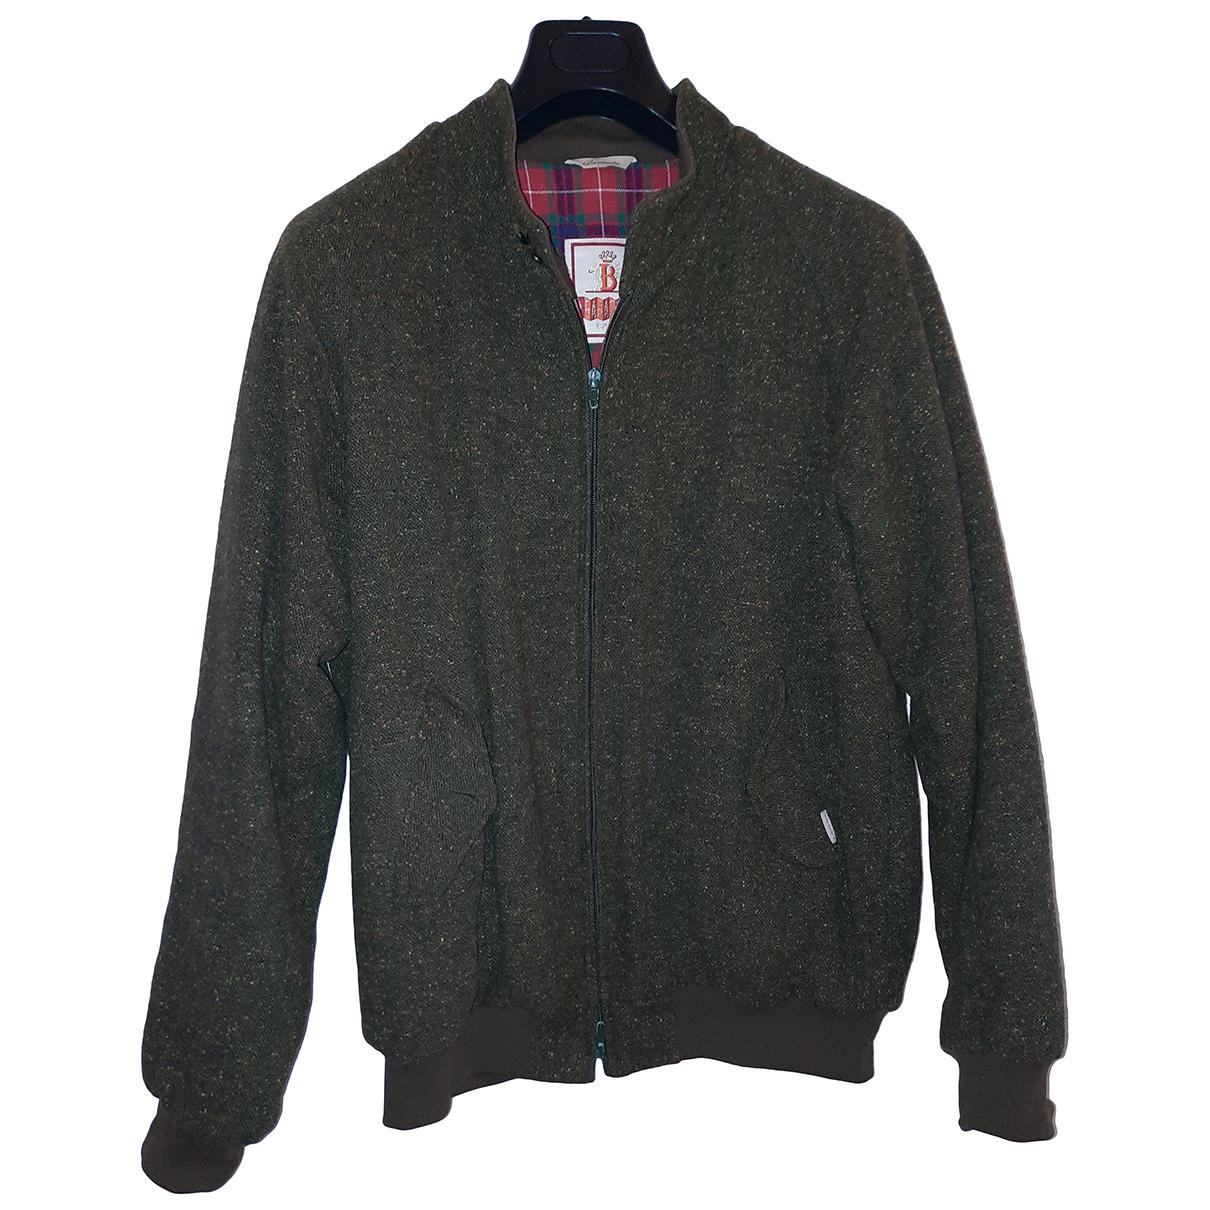 Baracuta - Vestes.Blousons   pour homme en laine - vert